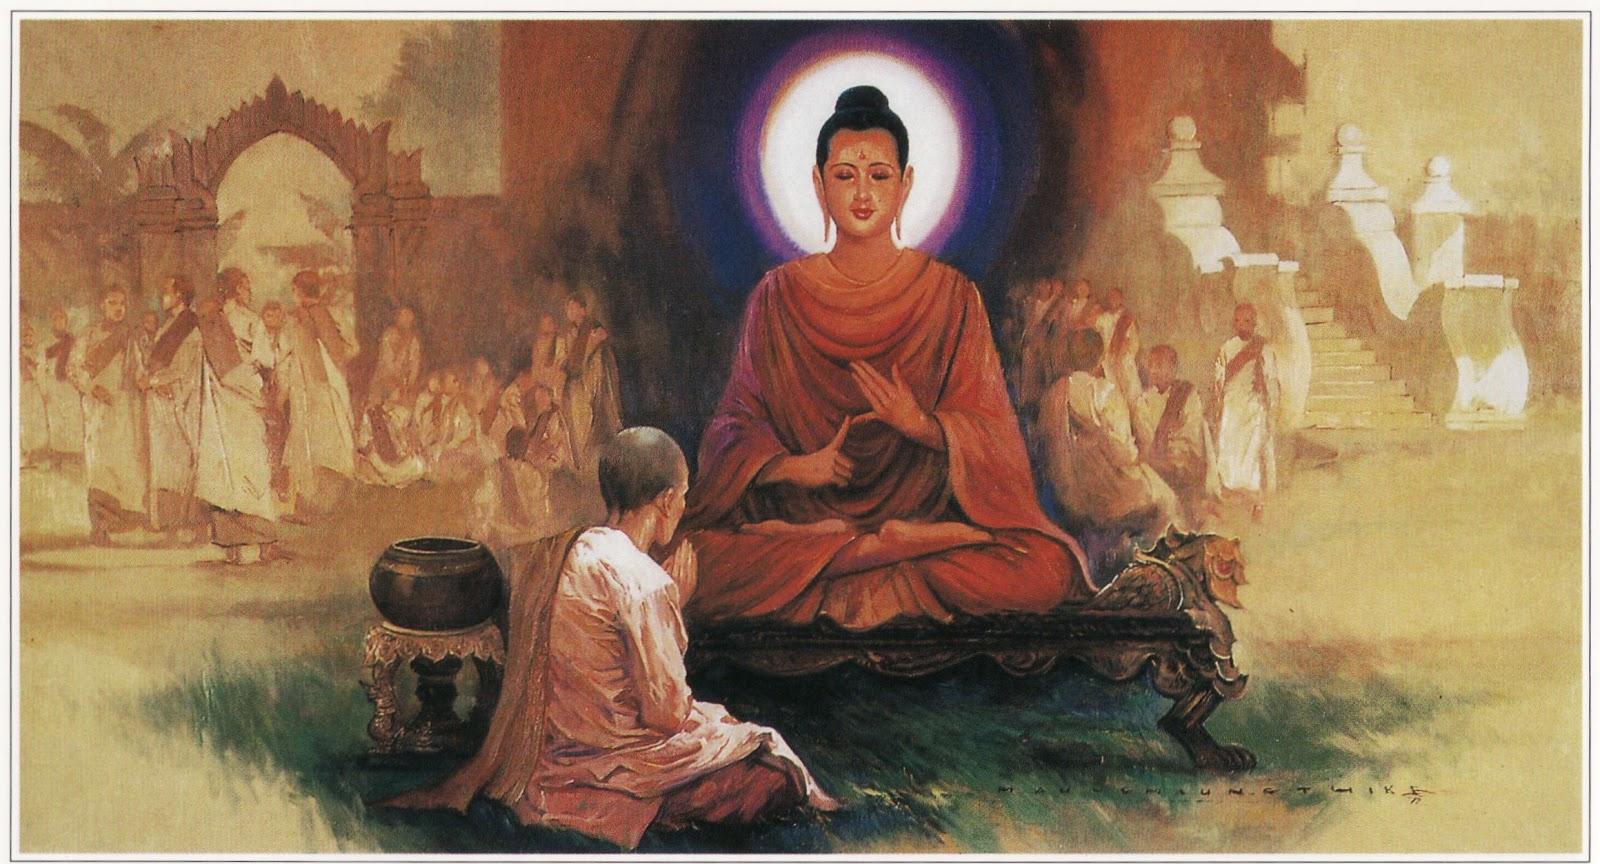 Đạo Phật Nguyên Thủy - Kinh Tăng Chi Bộ - Năm sức mạnh của bậc hữu học